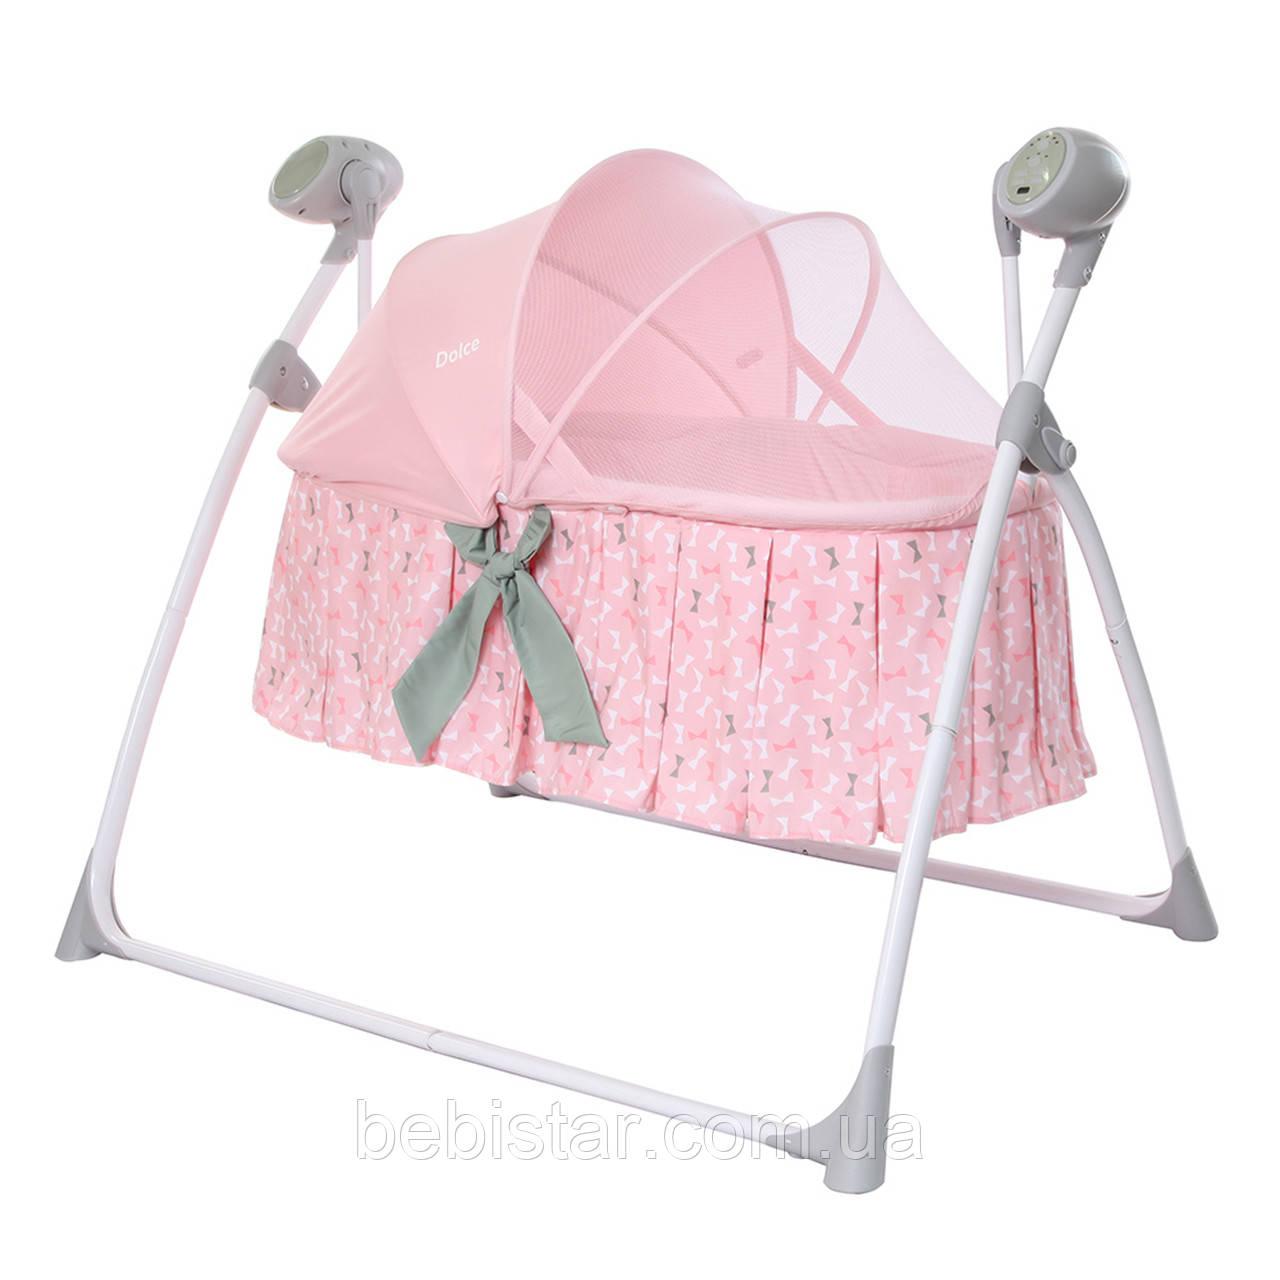 Люлька гойдалка рожева Carrello Dolce з пультом матрацик москітна сітка для новонароджених